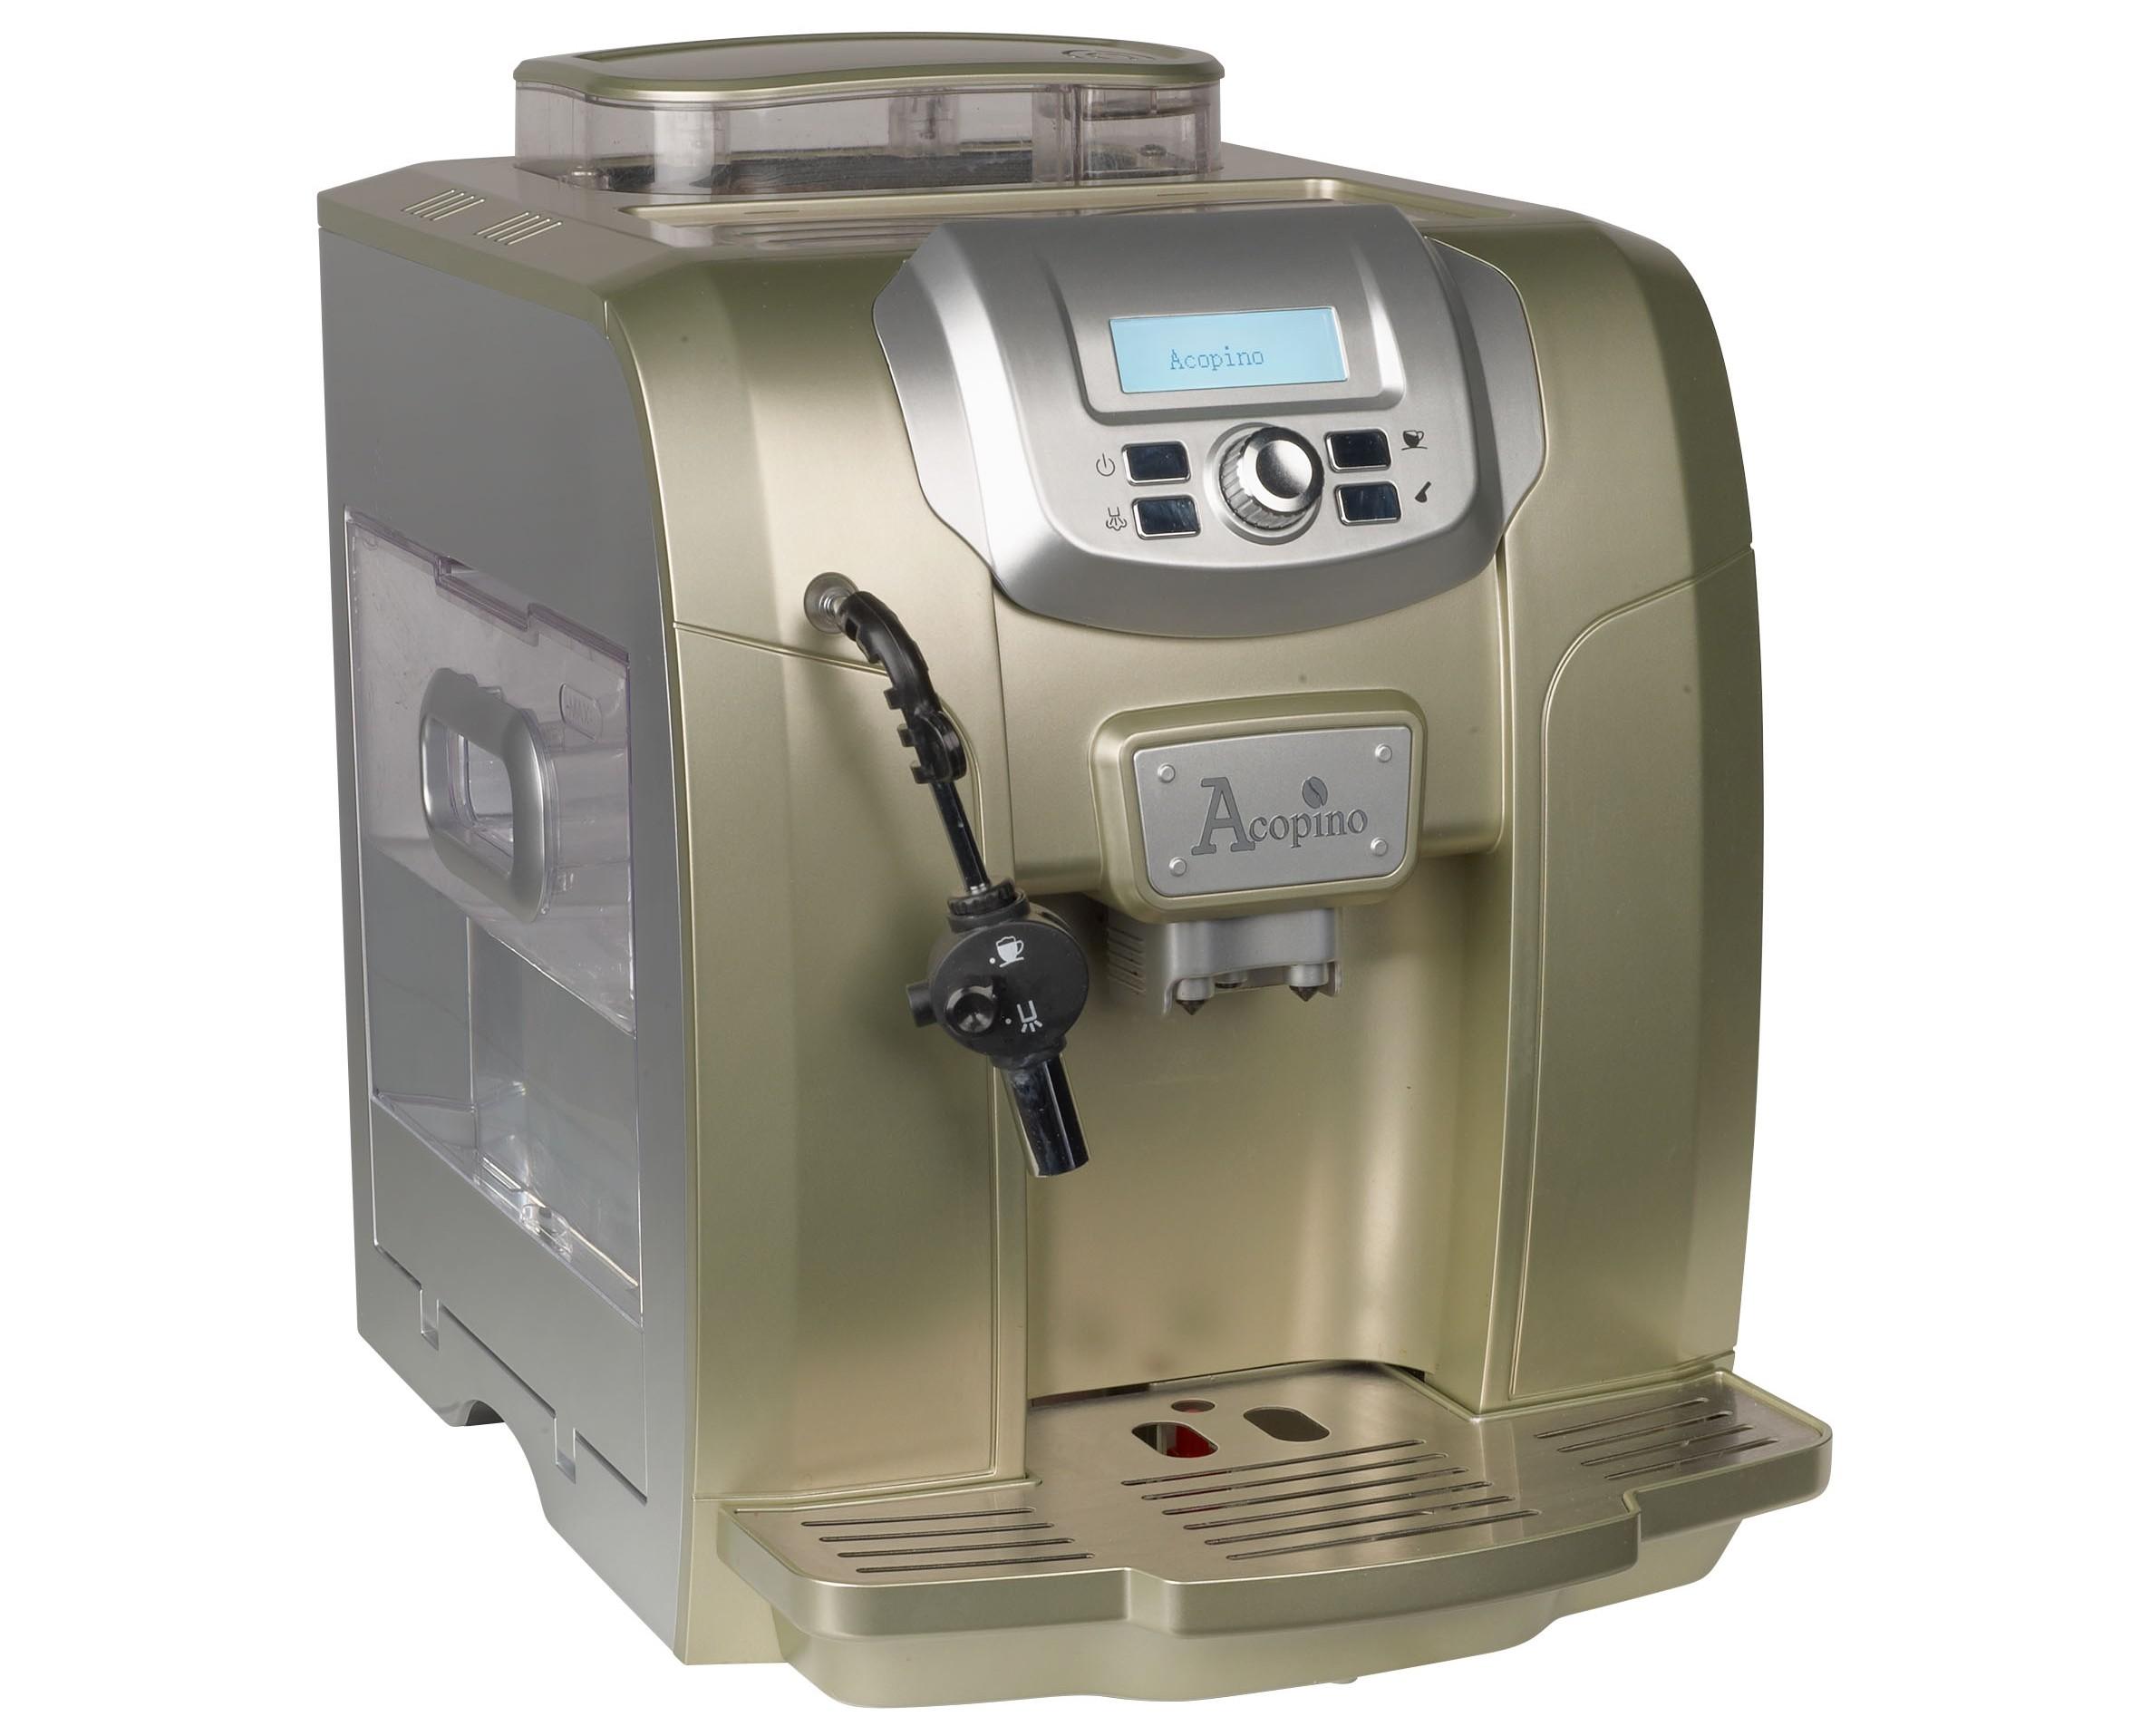 bildergalerie acopino guter kaffee ist seine spezialit t bild 1. Black Bedroom Furniture Sets. Home Design Ideas